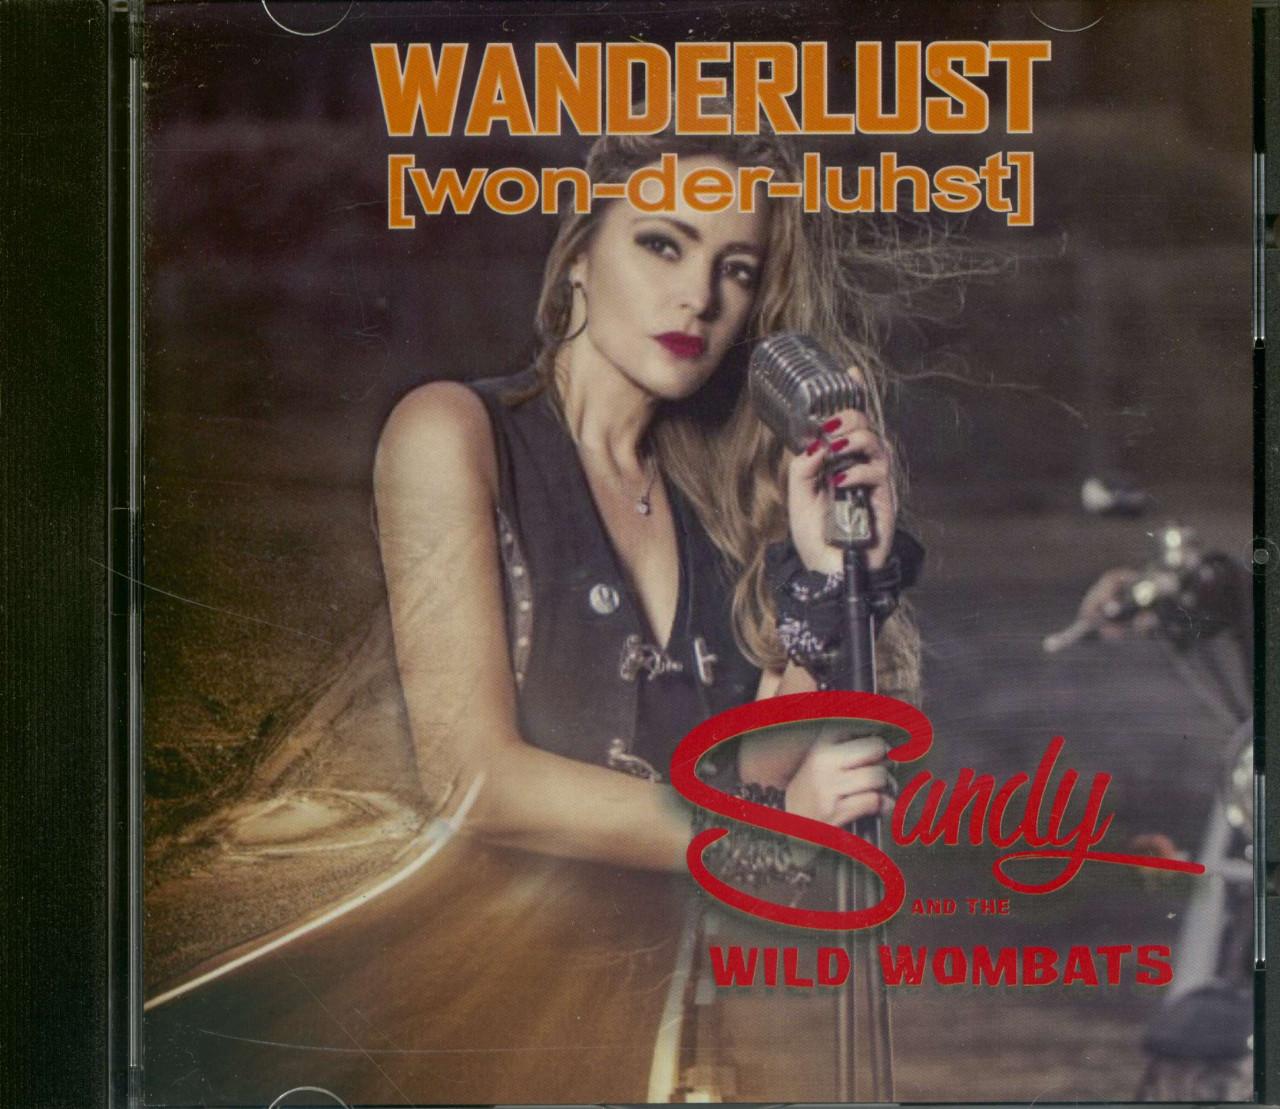 Sandy & The Wild Wombats - Wanderlust - won-der-luhst (CD)